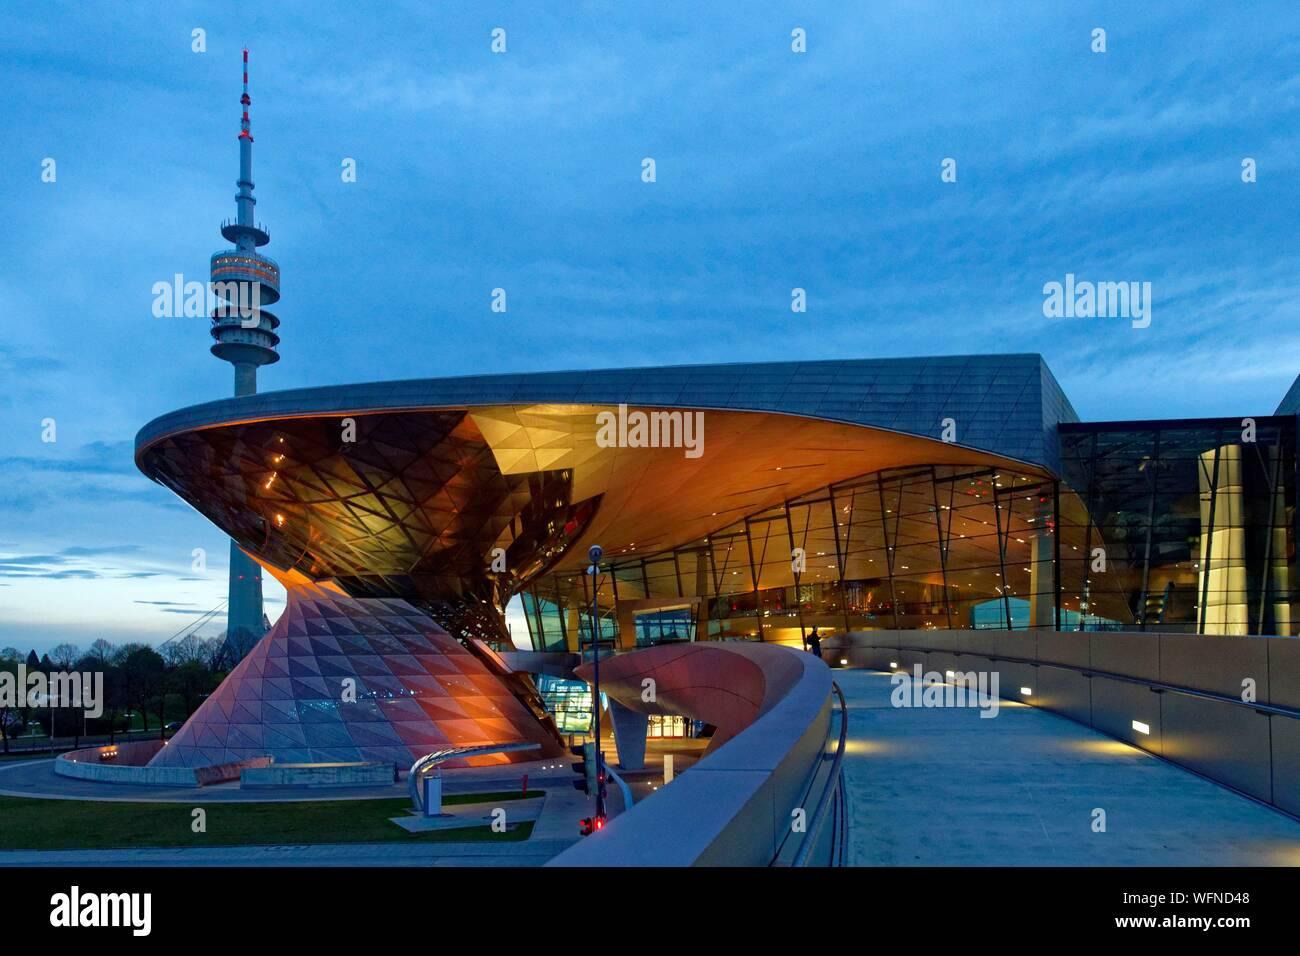 Deutschland, Bayern, München, BMW Welt, Showroom der Marke native von München eröffnet im Jahr 2007 und durch die architekturbüros Coop Himmelb(l)au und die Olympic Tower oder Olympiaturm realisiert Stockfoto